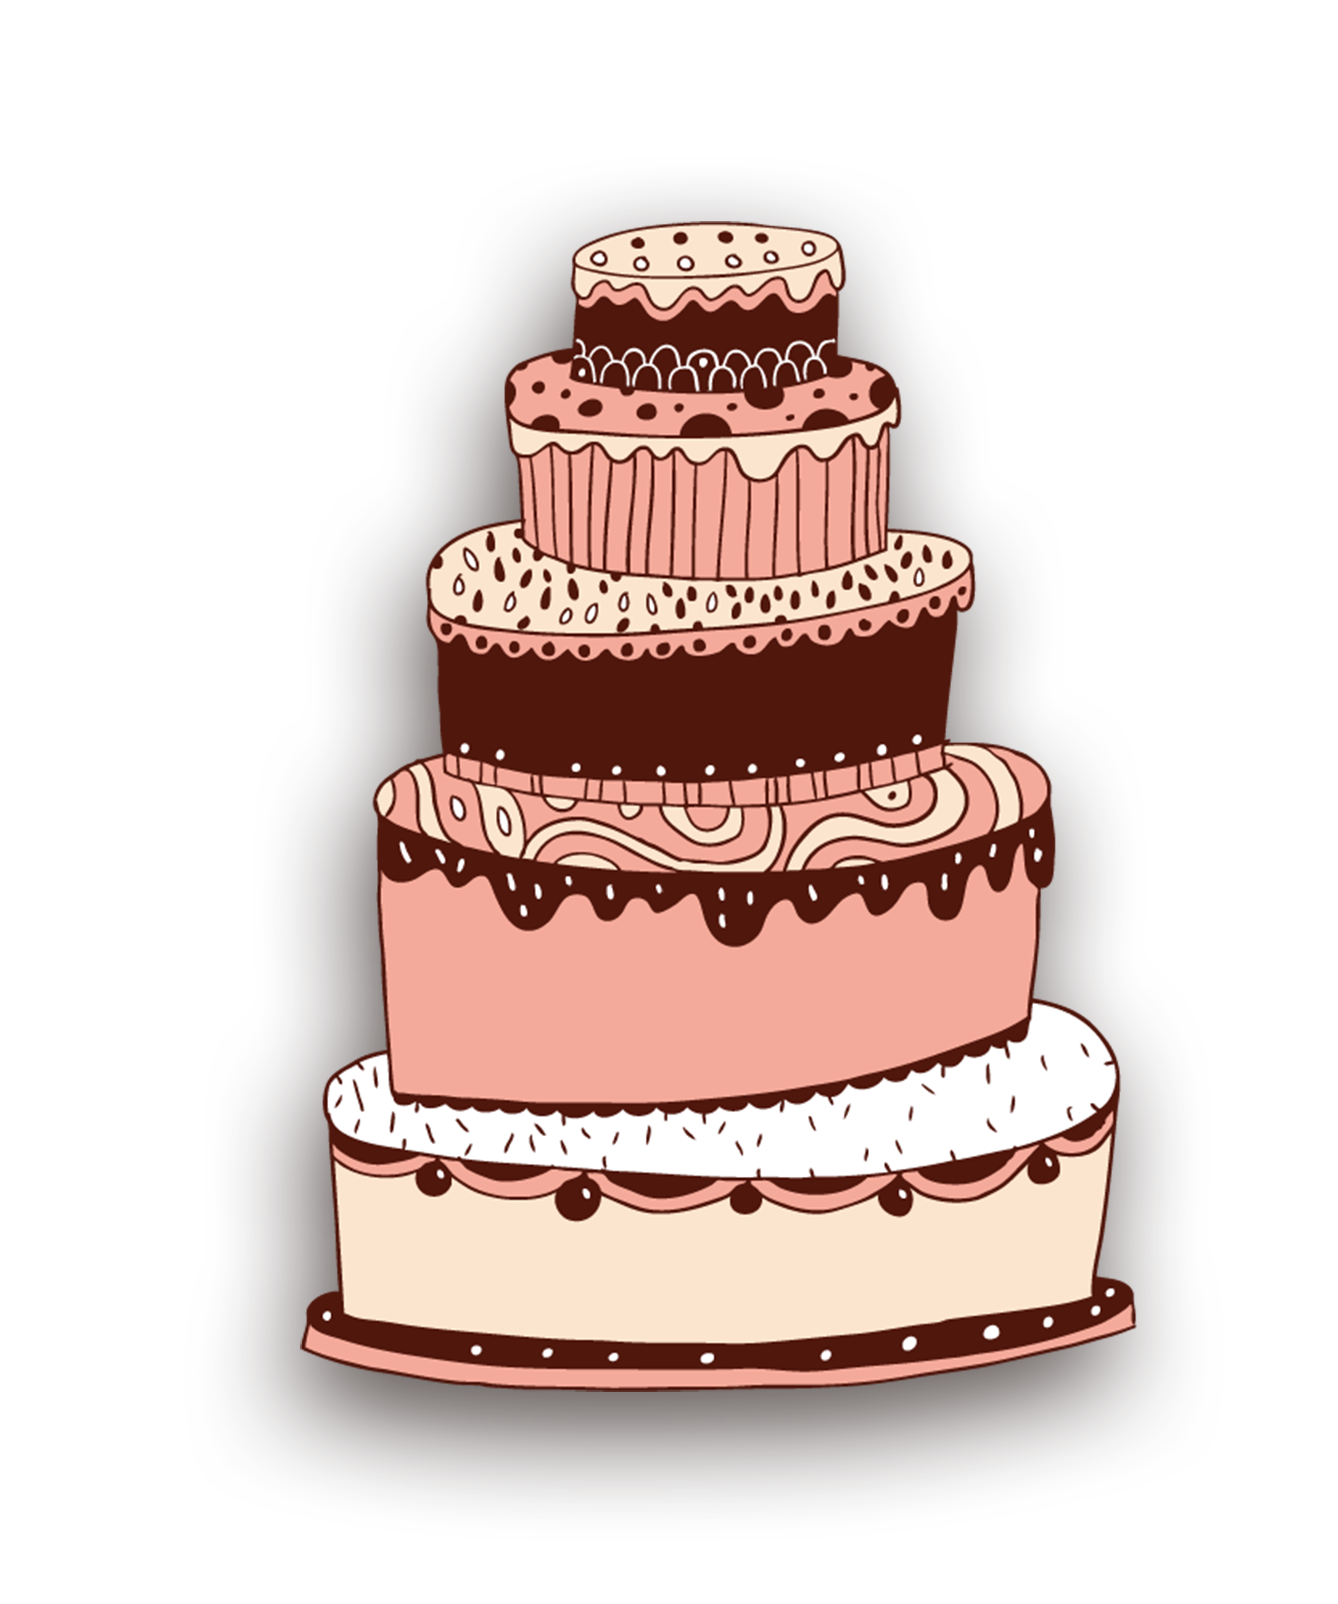 Layer Cake Birthday Cake Cupcake Wedding Cake Cartoon Cake 1338 1604 Transprent Png Free Download W Cupcake Birthday Cake Cartoon Cake Wedding Cake Quilted